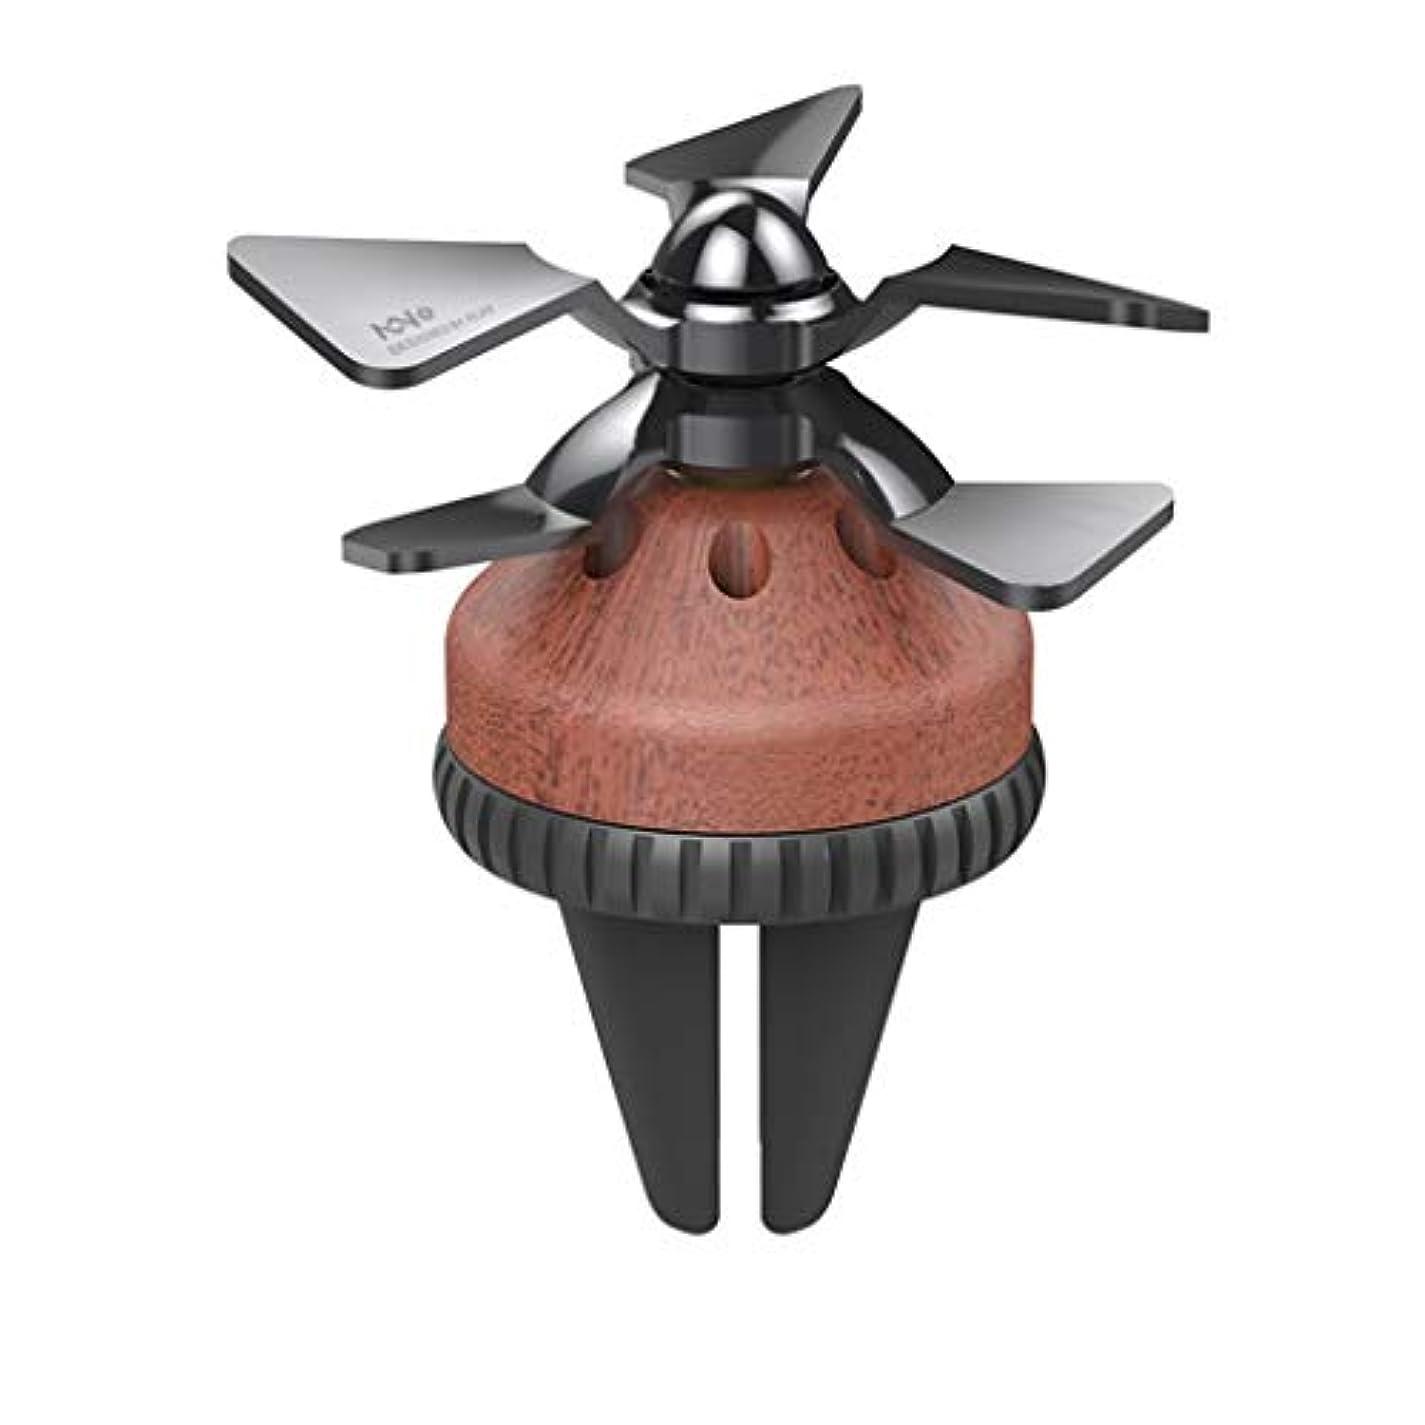 利得包囲応答LXX-车载香水 車の香水車のエアコンの吹き出し口回転小型ファンアロマテラピー空軍213車の室内装飾フレグランス (Color : B)